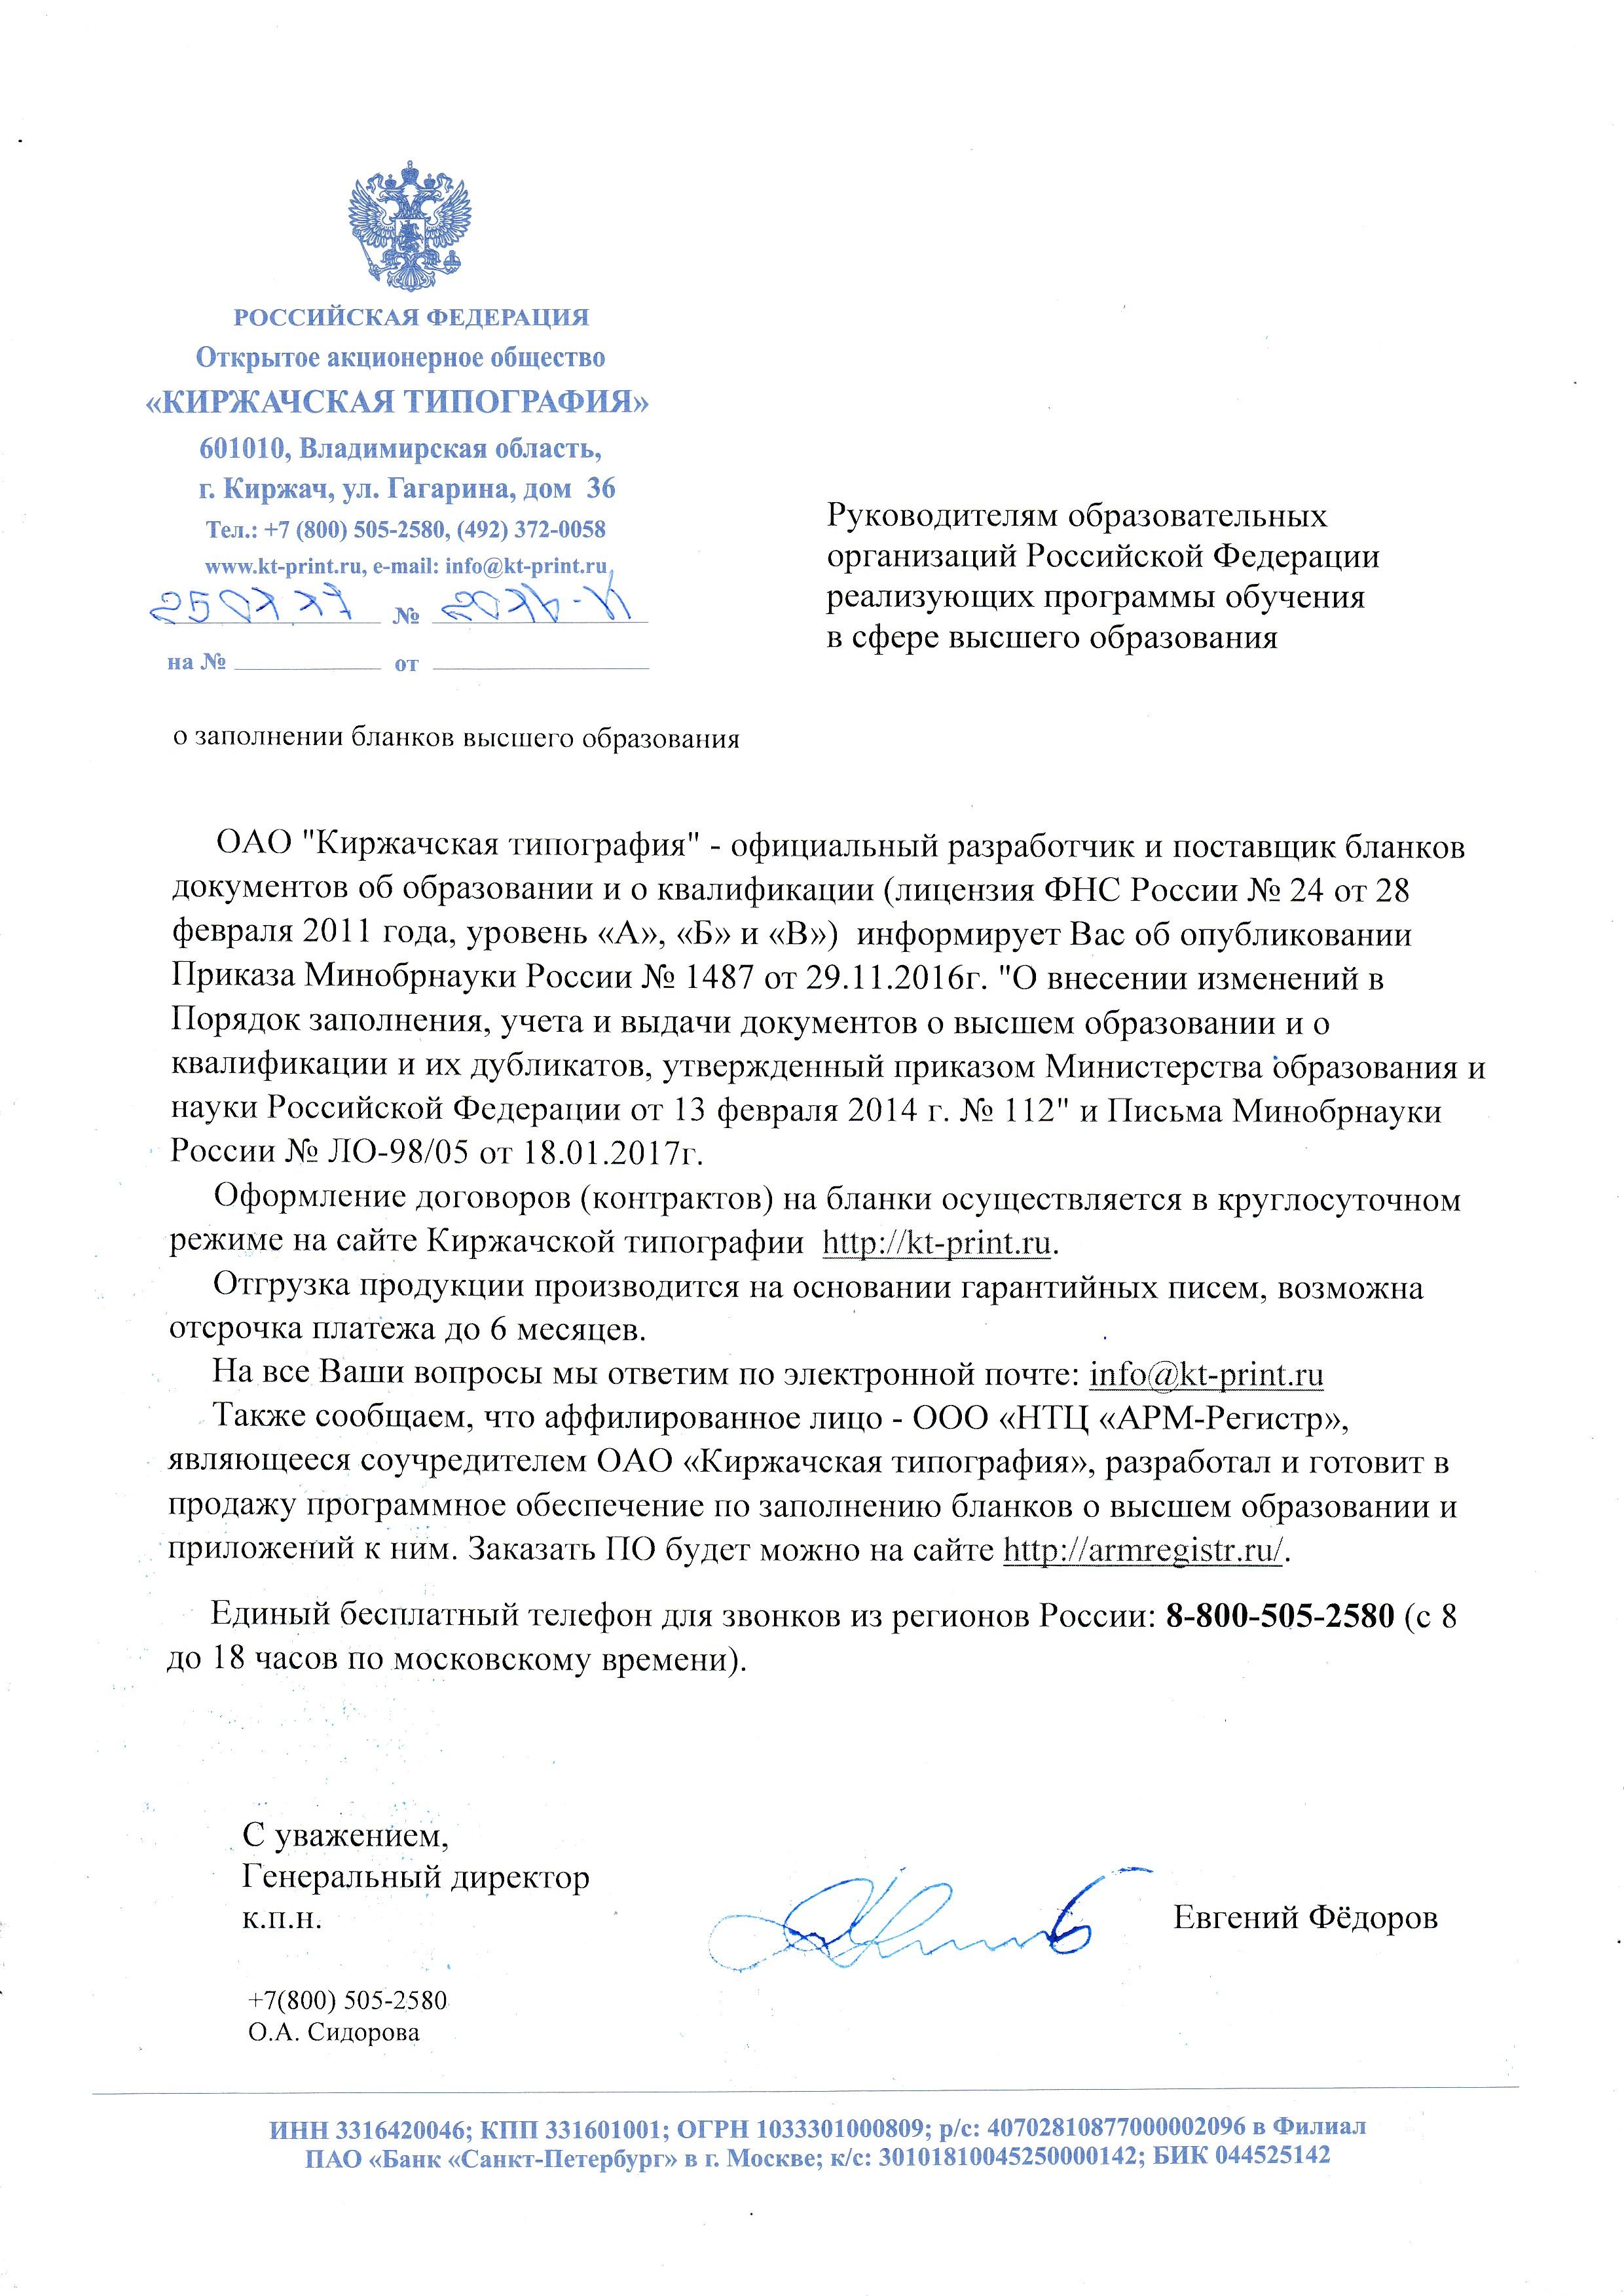 Киржачская типография Заказать продукцию Письмо ОАО Киржачская типография можно